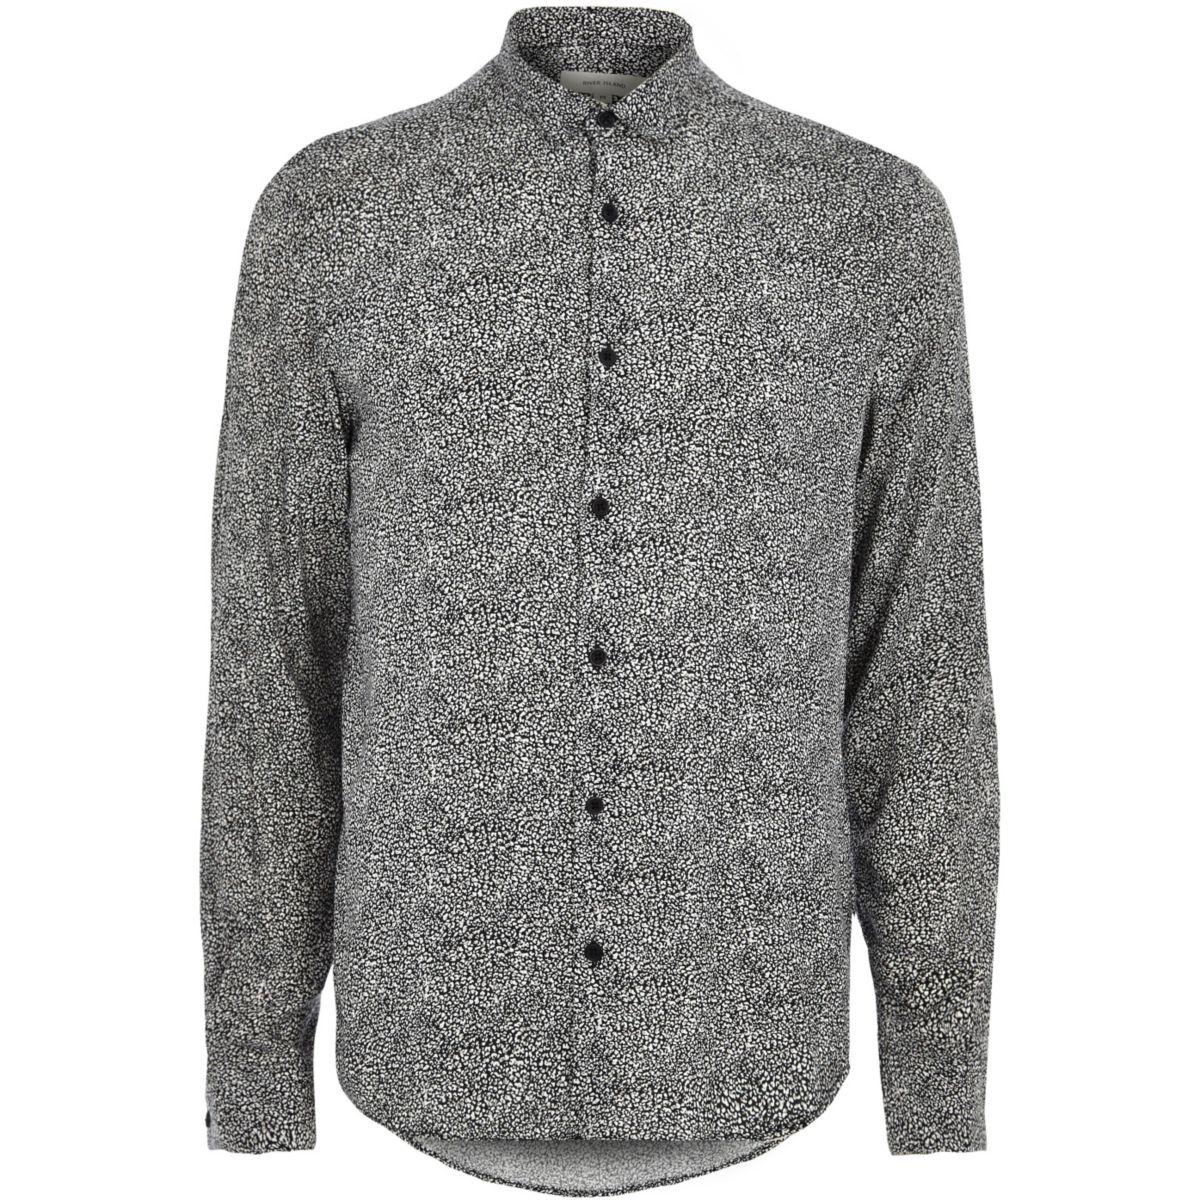 Chemise habillée à imprimé animal noire et blanche